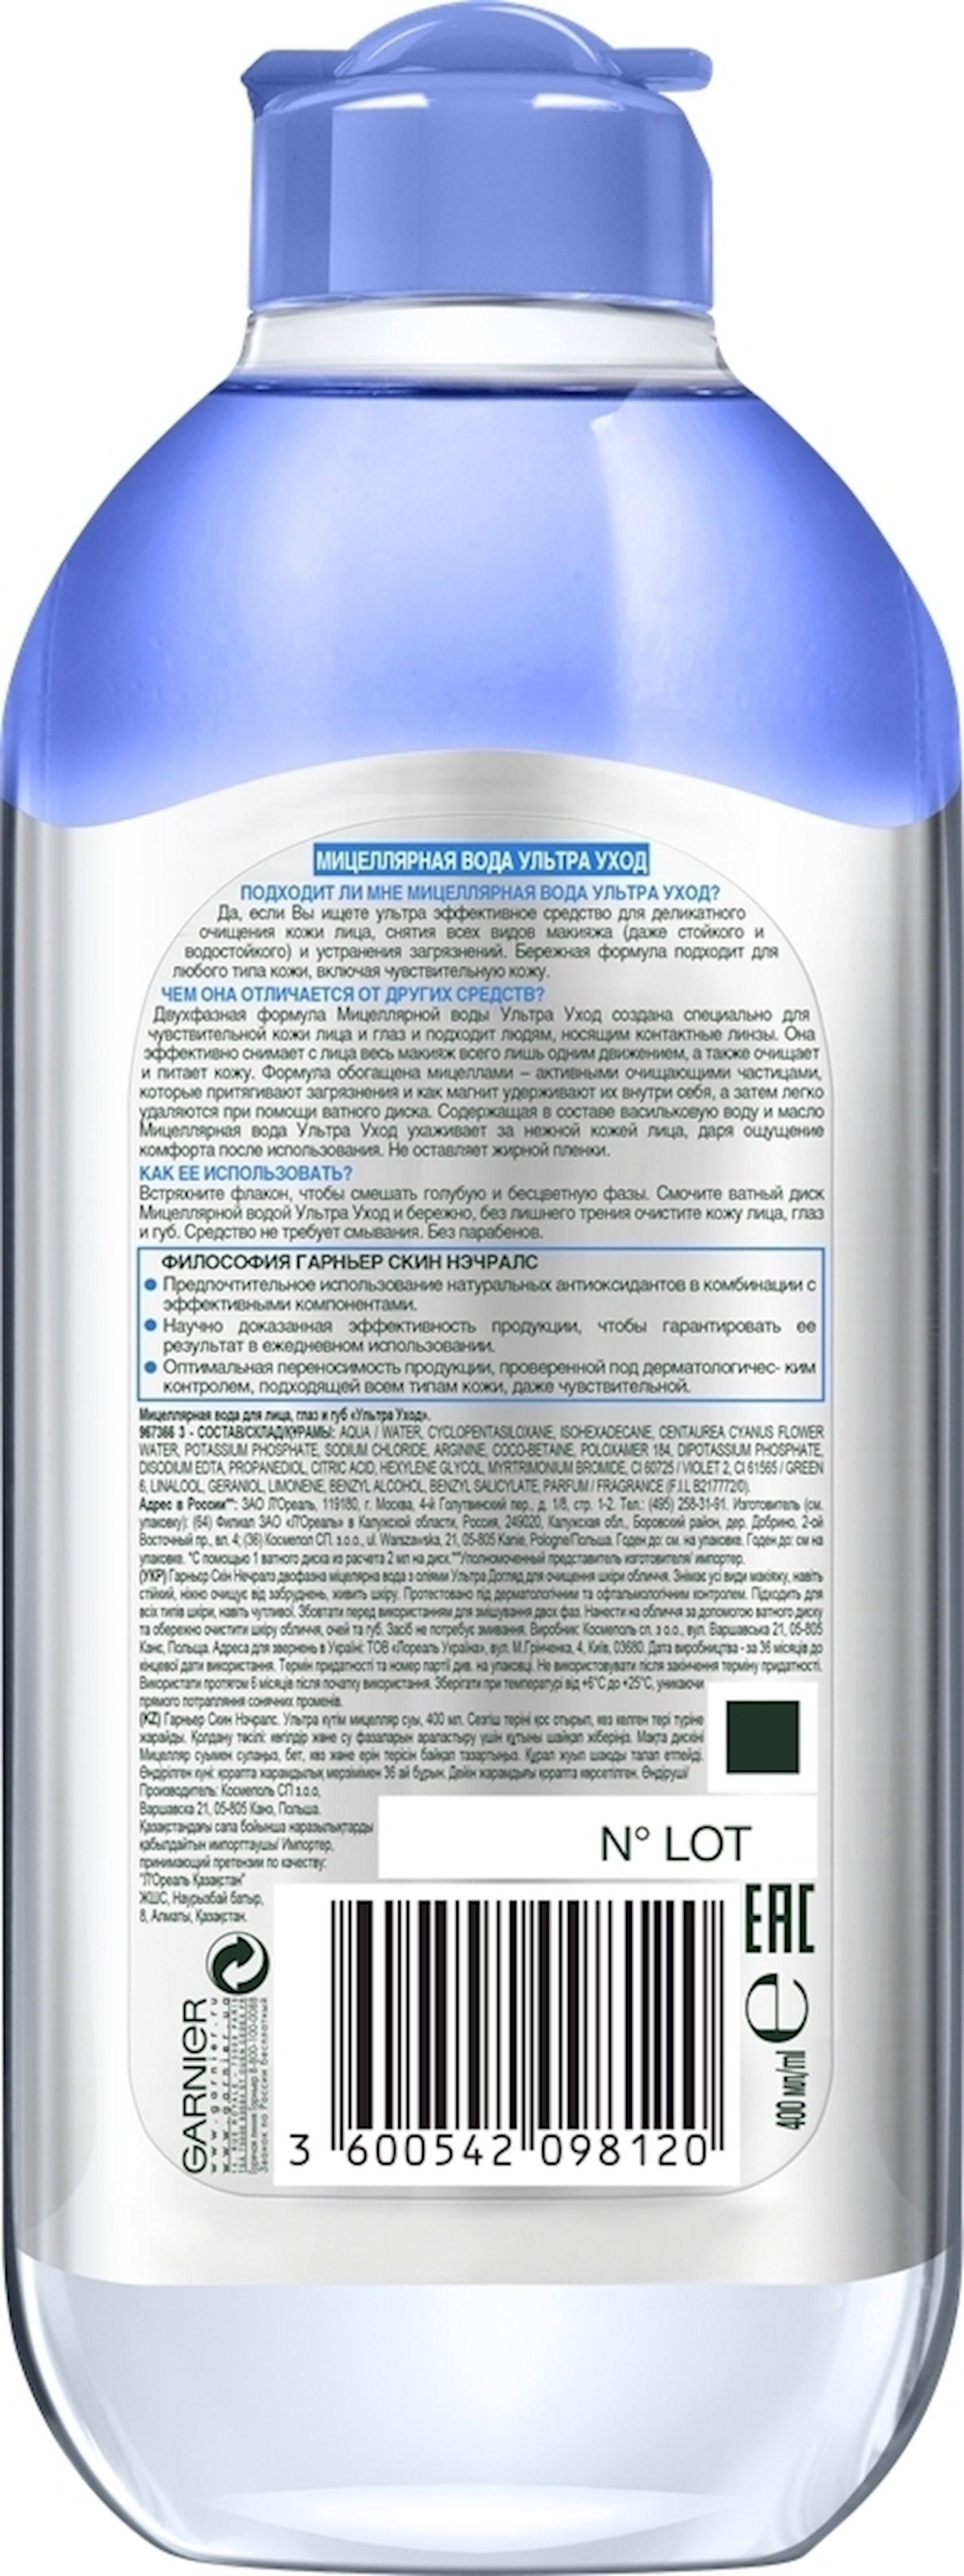 Misselyar su Garnier Skin Naturals , həssas dəri üçün ultra qulluq, 400 ml